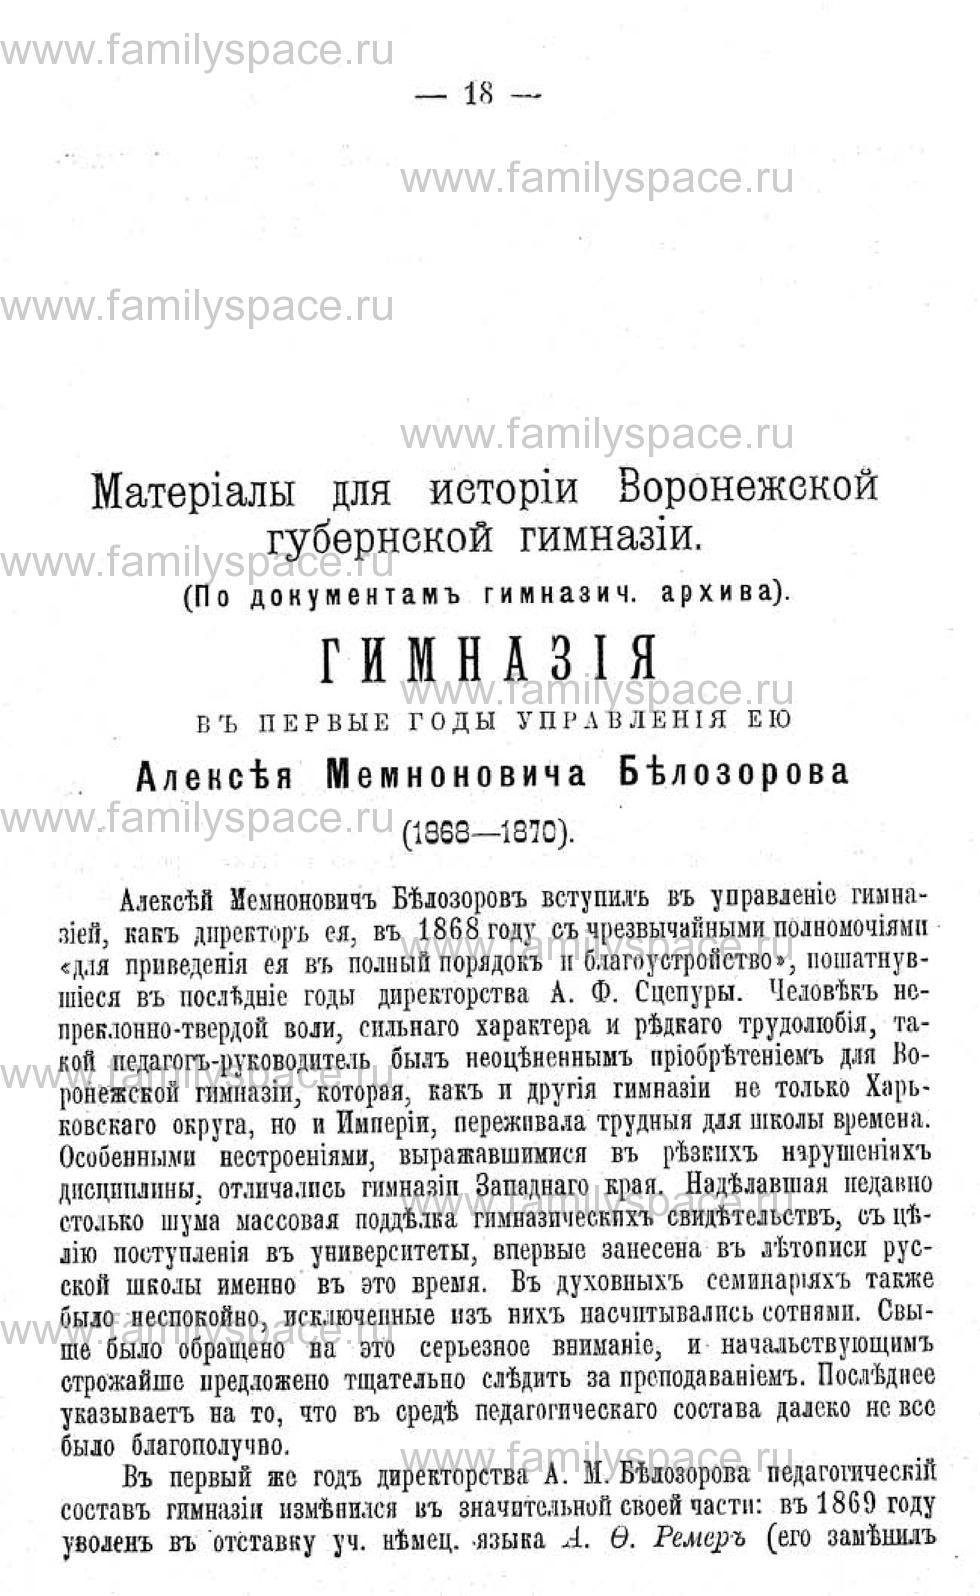 Поиск по фамилии - Памятная книжка Воронежской губернии на 1915 год, страница 5018